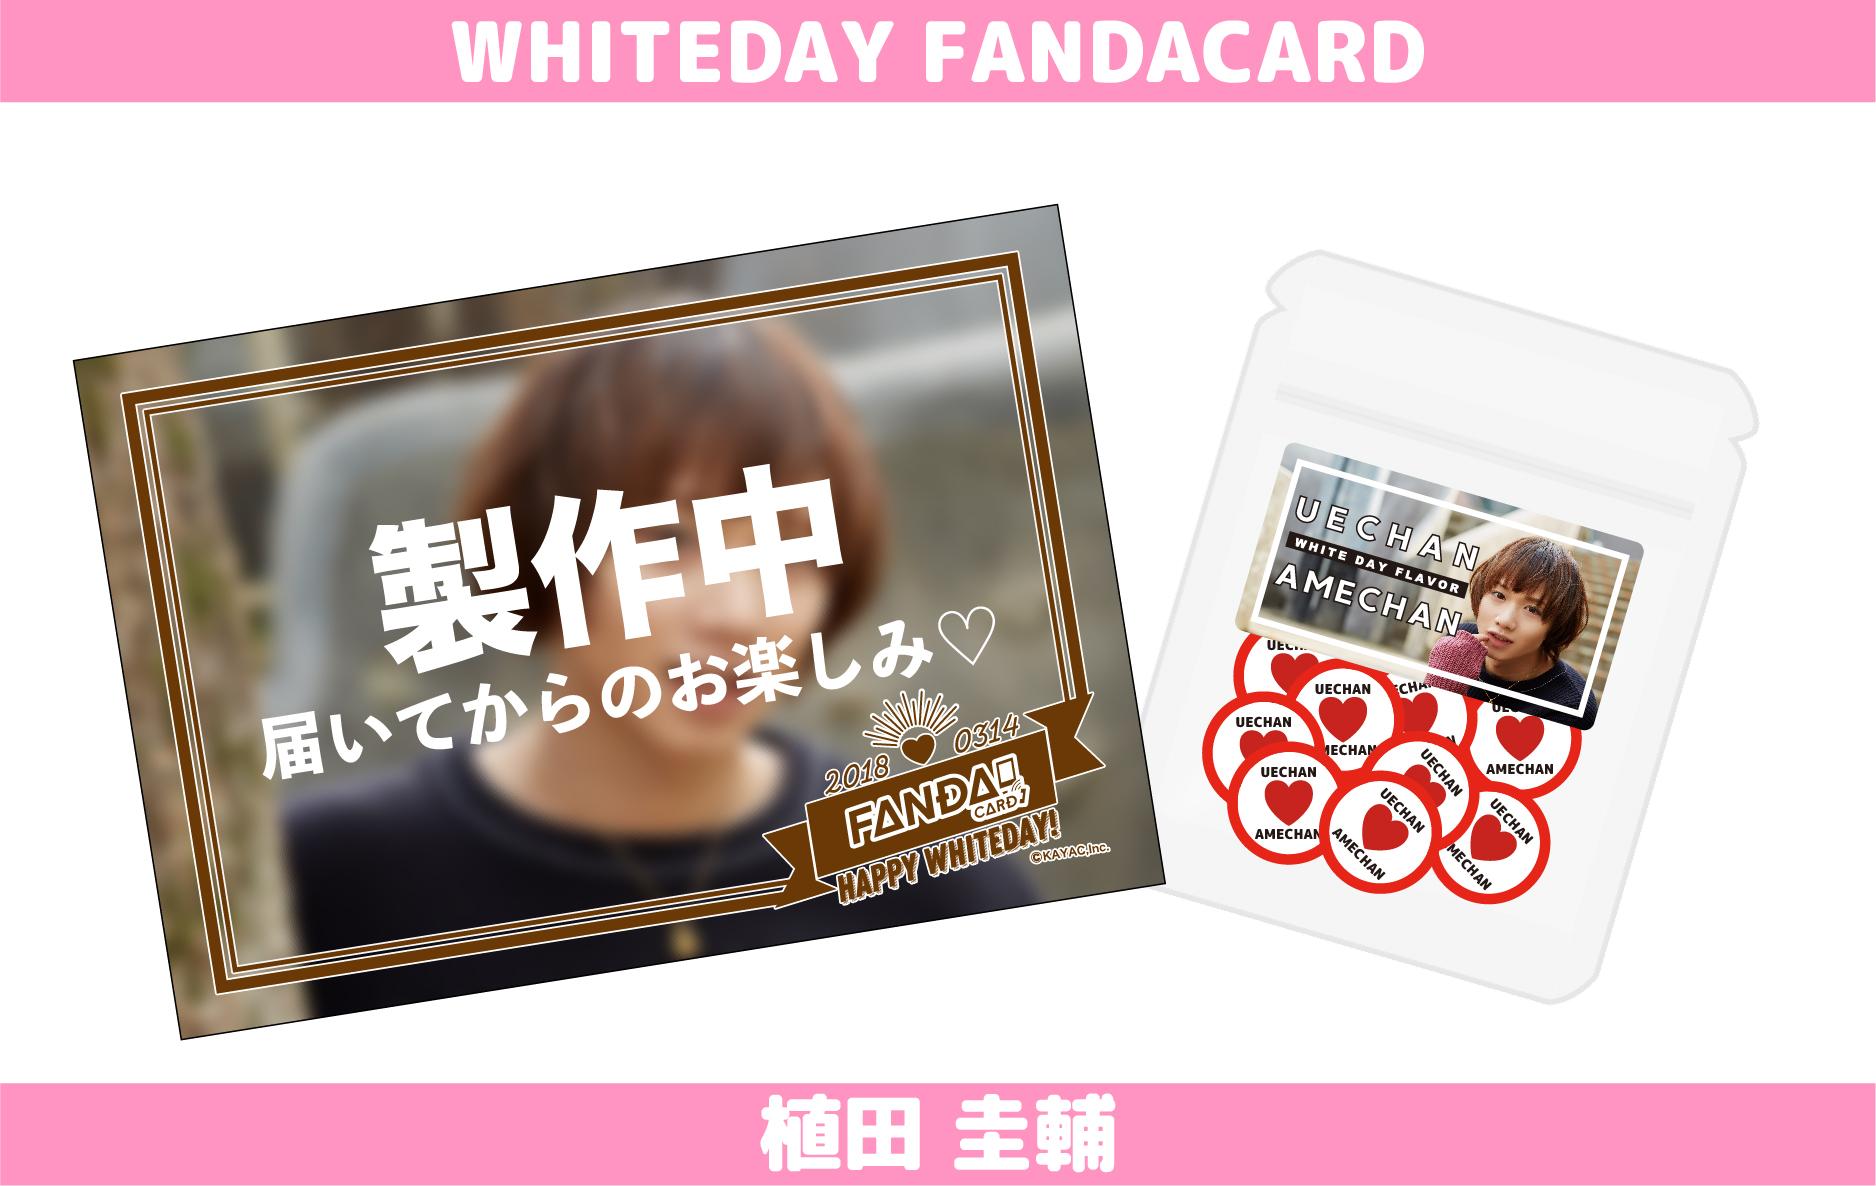 植田圭輔から電話でメッセージが届く2018年 ホワイトデーFANDA CARD、発売決定!